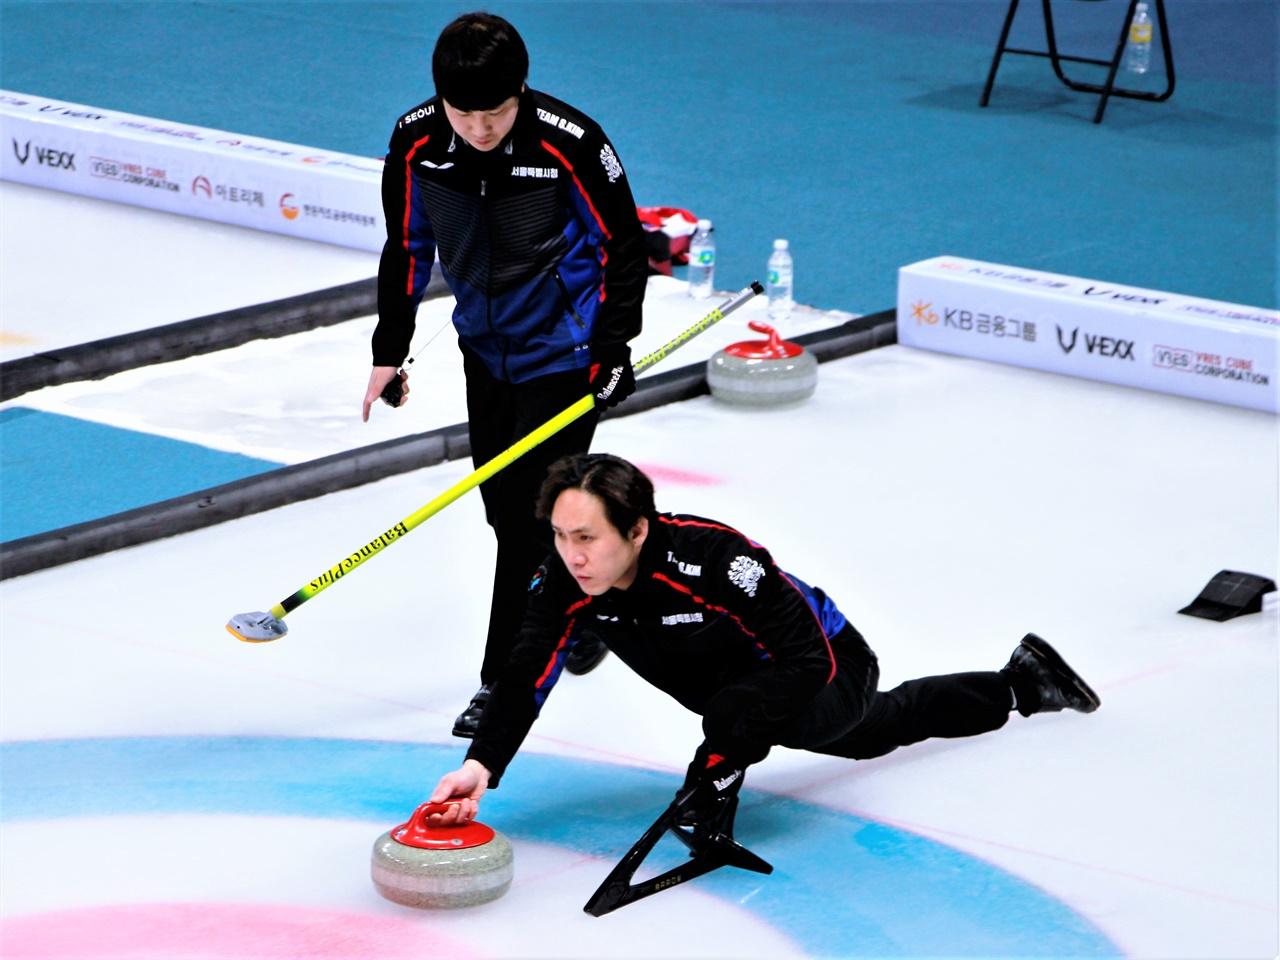 예선 3위로 결선에 진출한 서울시청 컬링팀. 김수혁 스킵(오른쪽)이 스톤을 투구하고 있다.